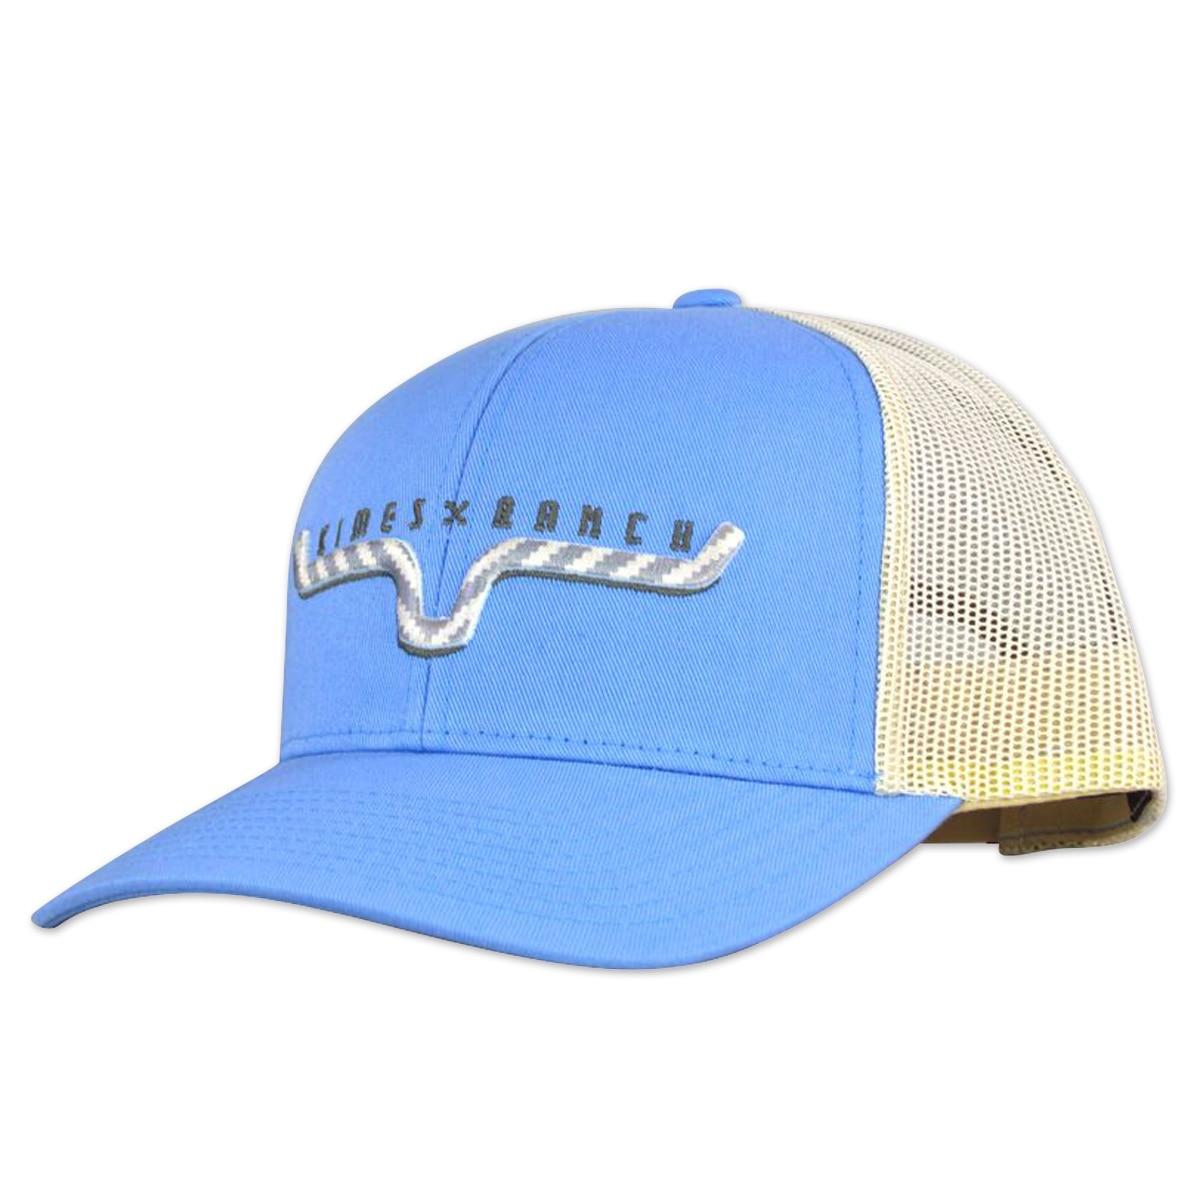 Kimes Ranch Navajo Horns Trucker Hat 3dc20aa0c3d